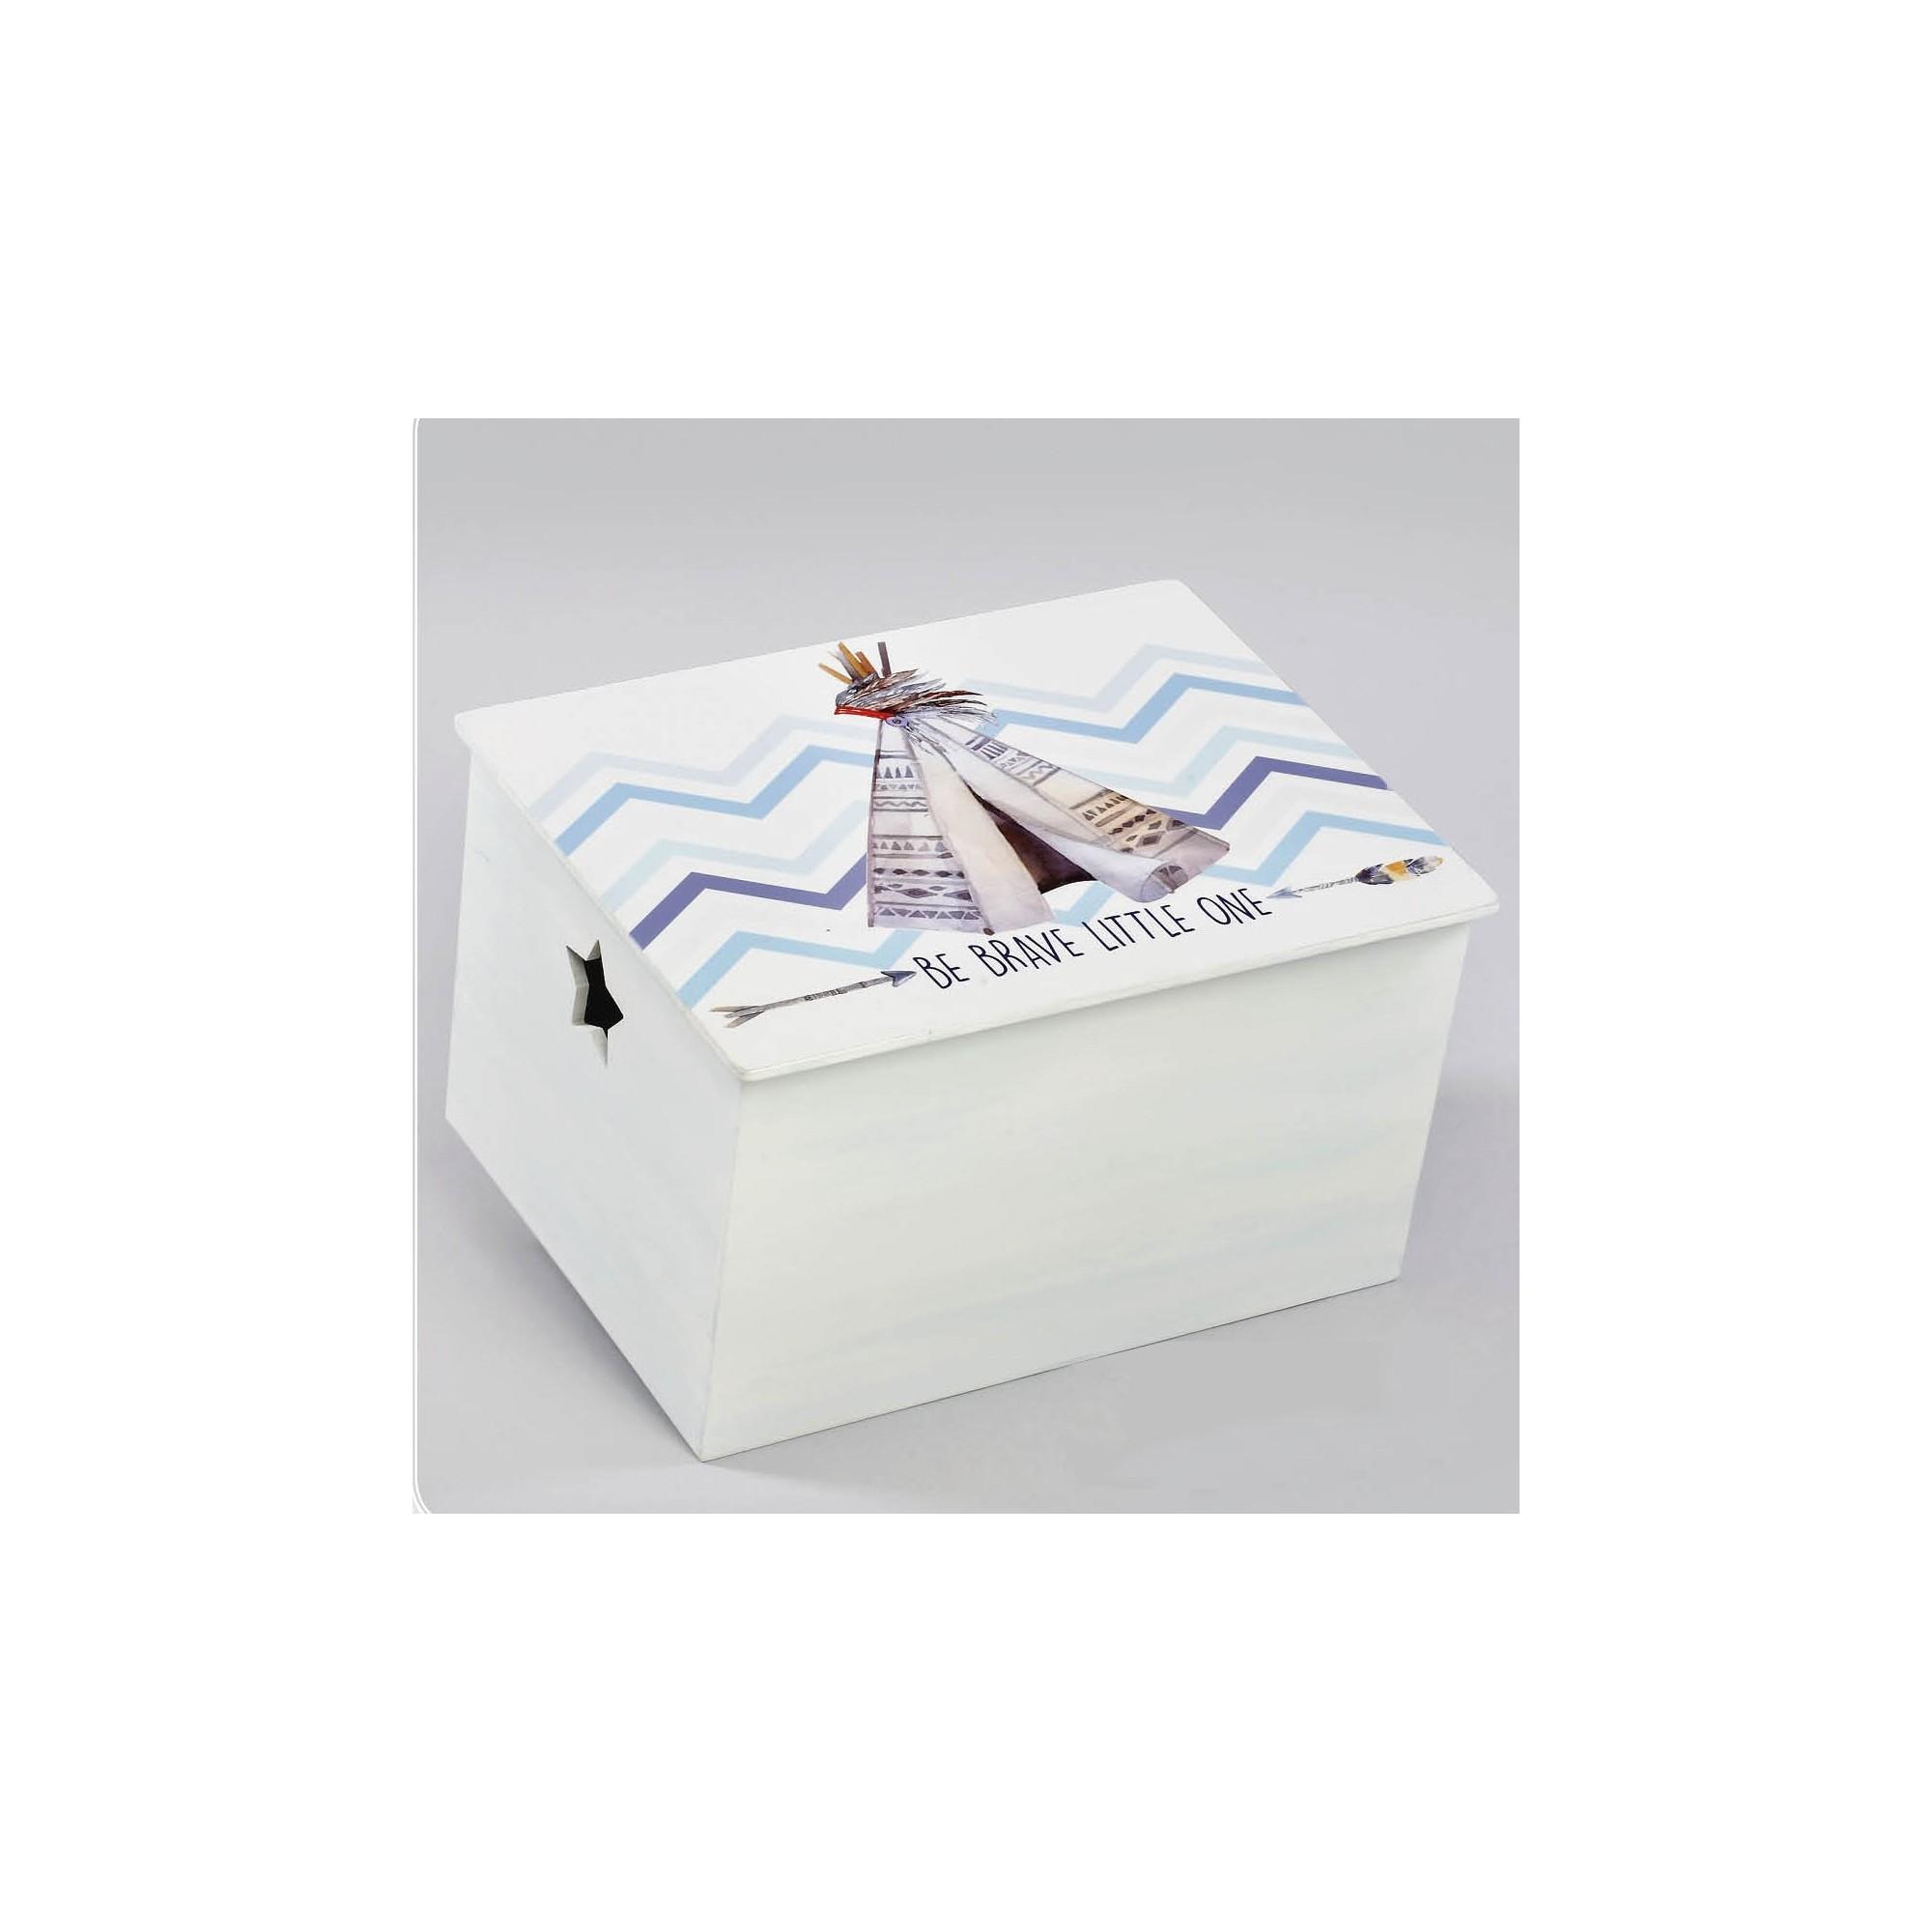 Κουτί βάπτισης Ινδιάνικη Σκηνή - Z-559